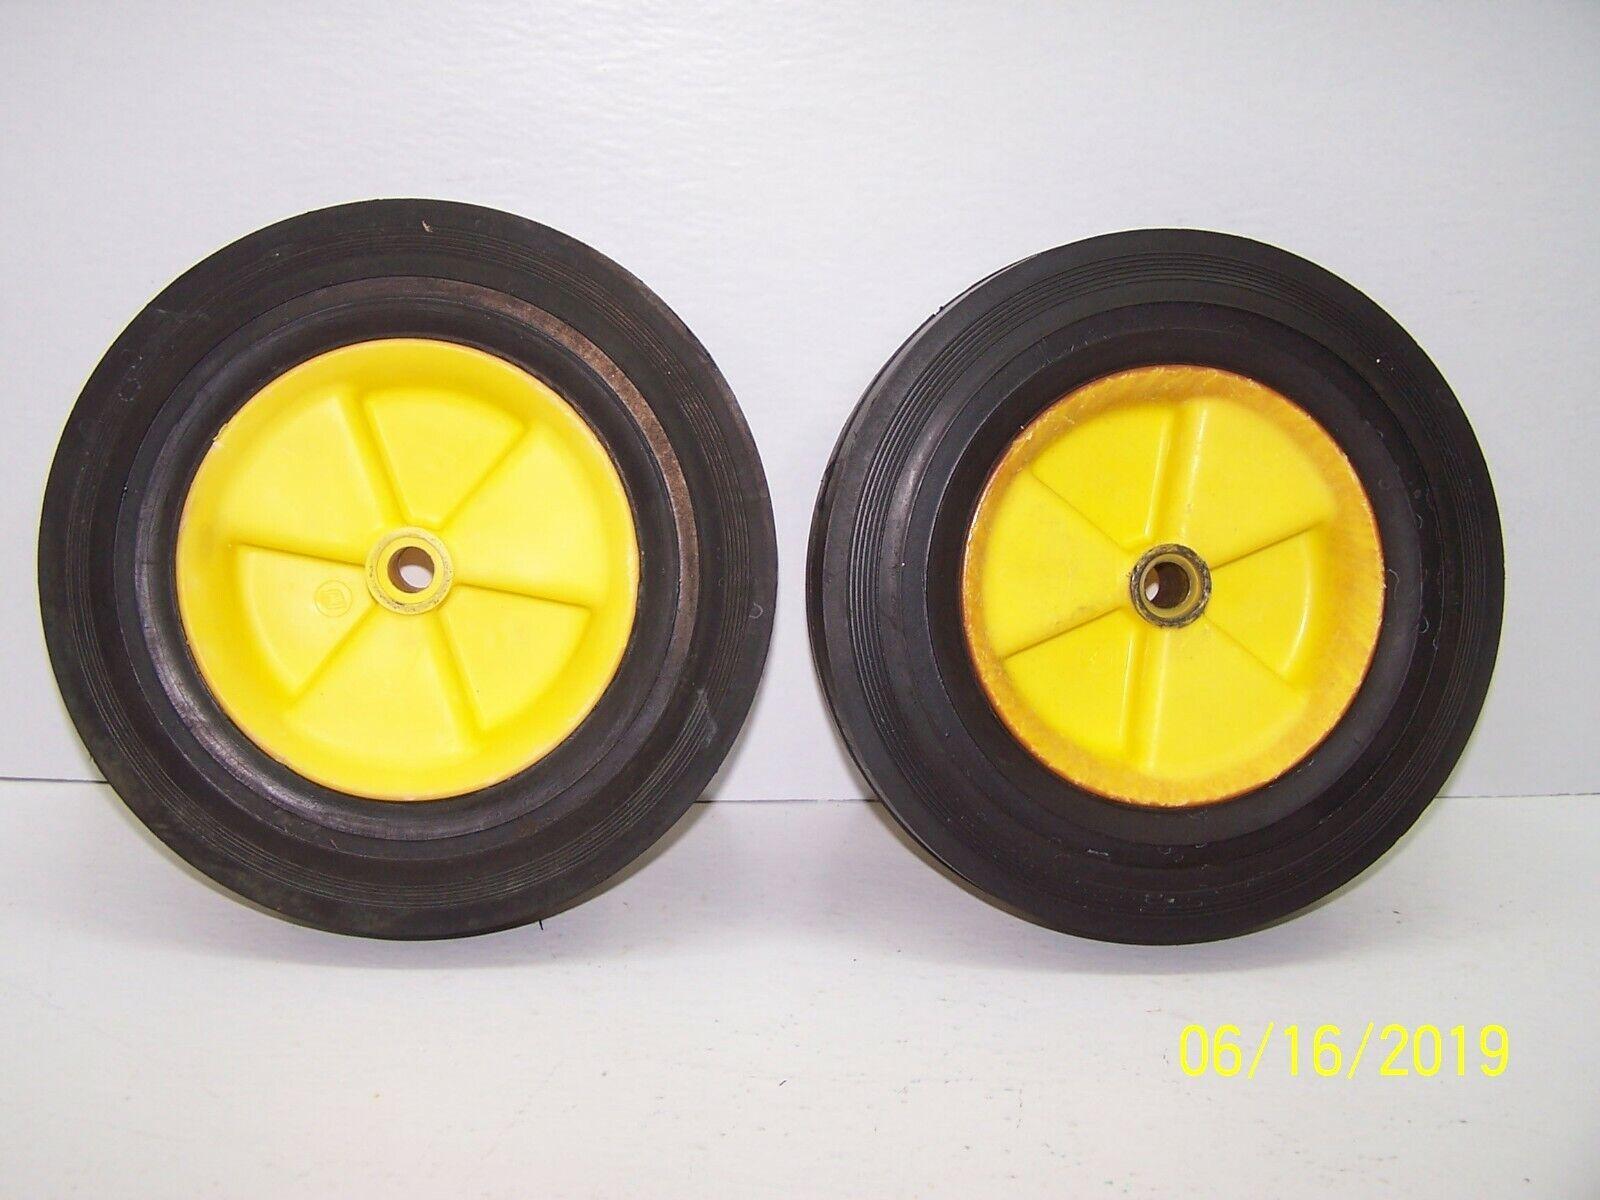 Lawn Boy R7070 Push Mower Rear Set Of Gelb Wheels With New Tires